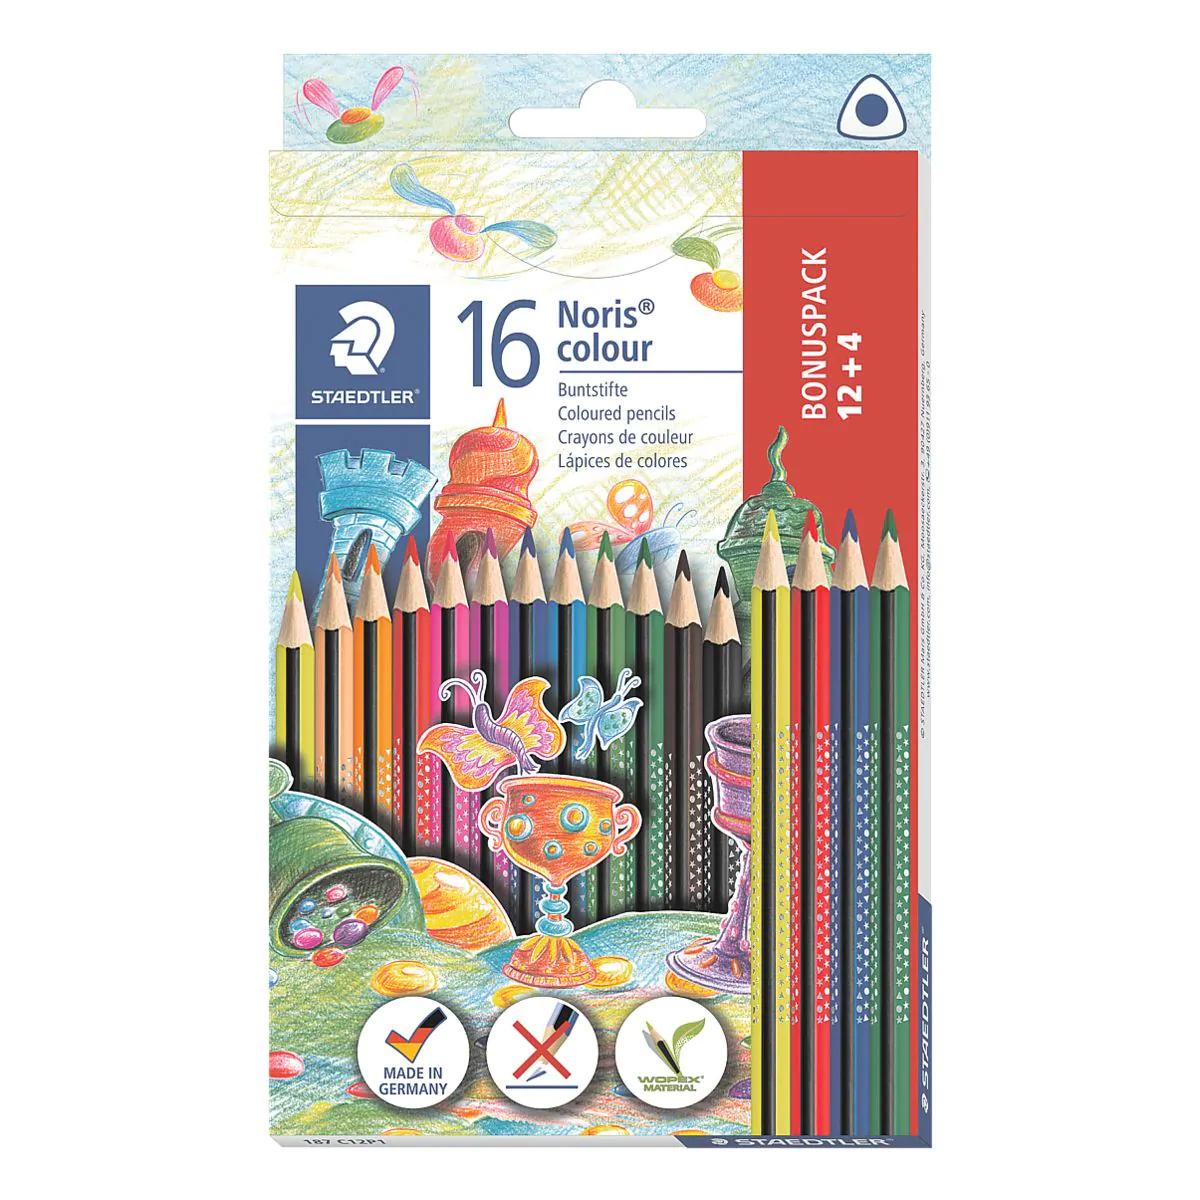 Staedtler Noris Colour Buntstift, Dreikantform Set mit 16 brillanten Stiften im Kartonetui für 2,49€ (Amazon Prime)